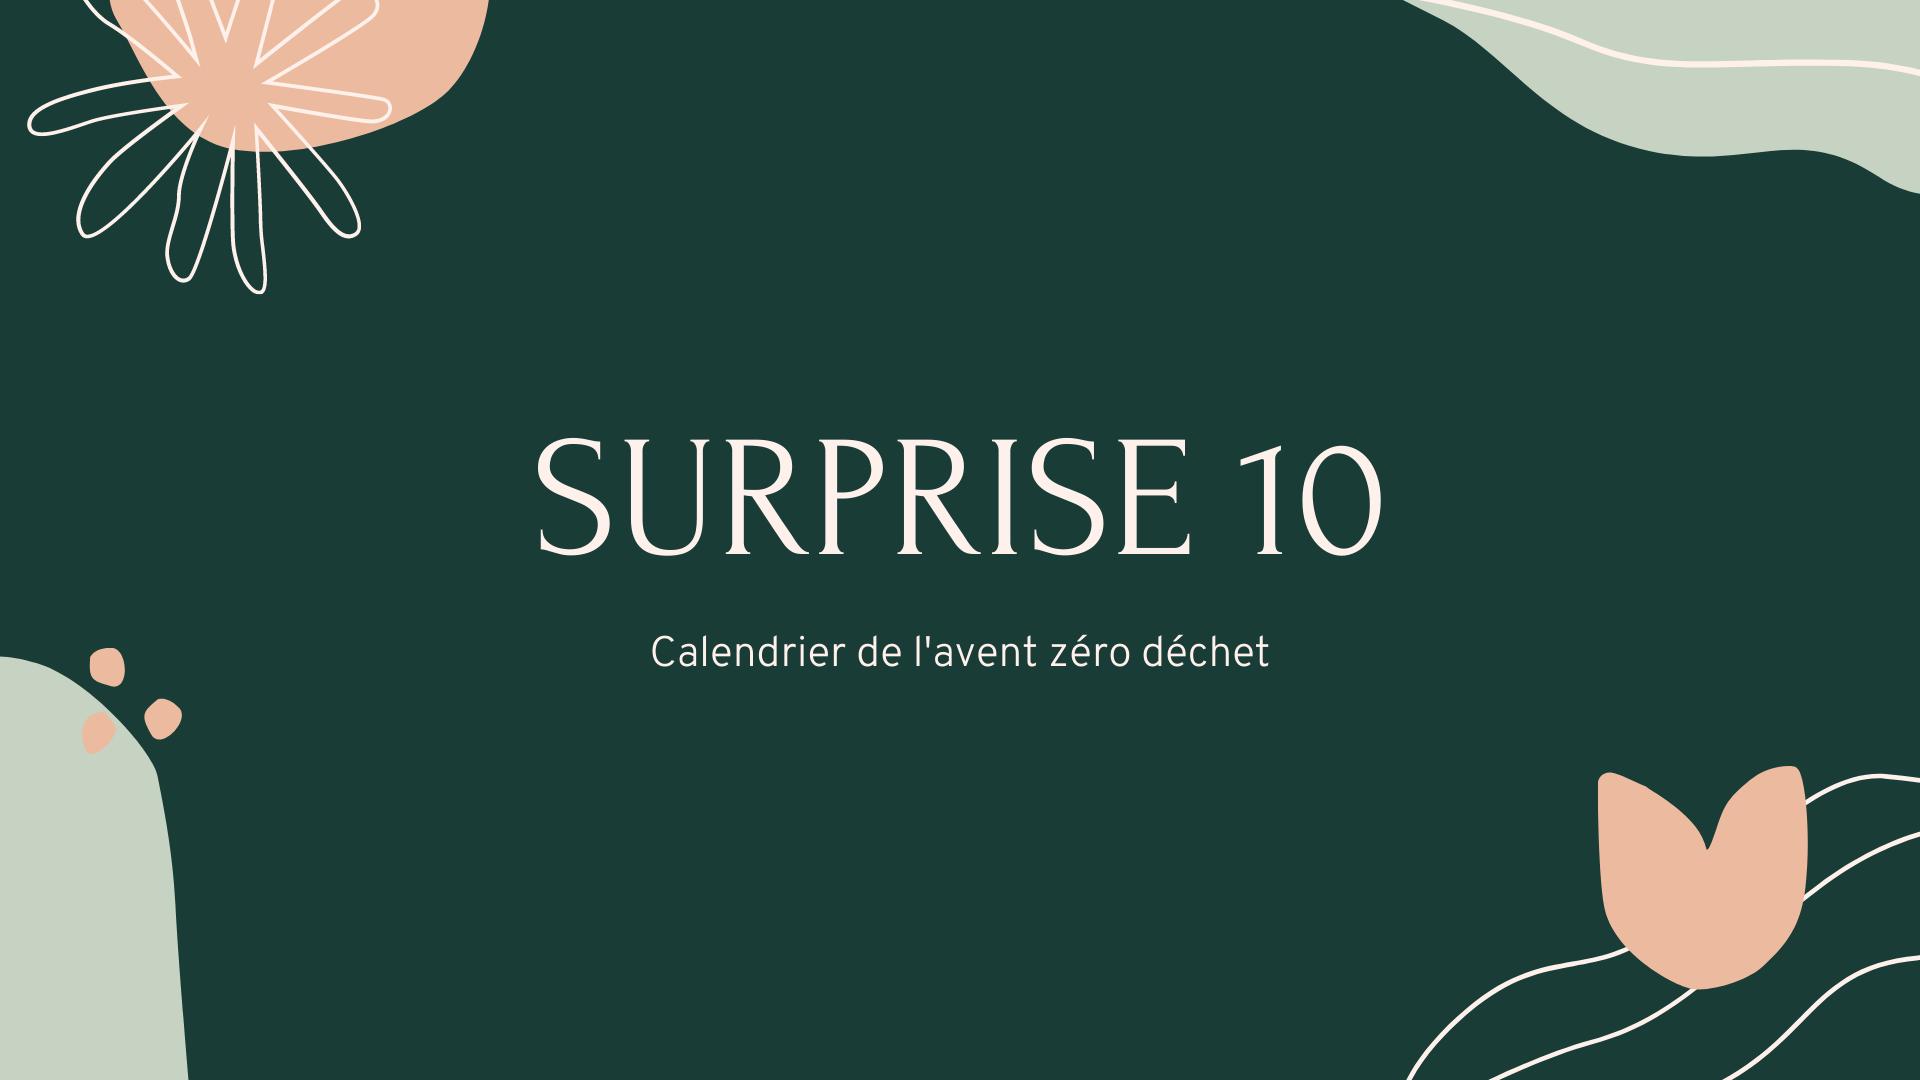 calendrier de l'avent numéro 10